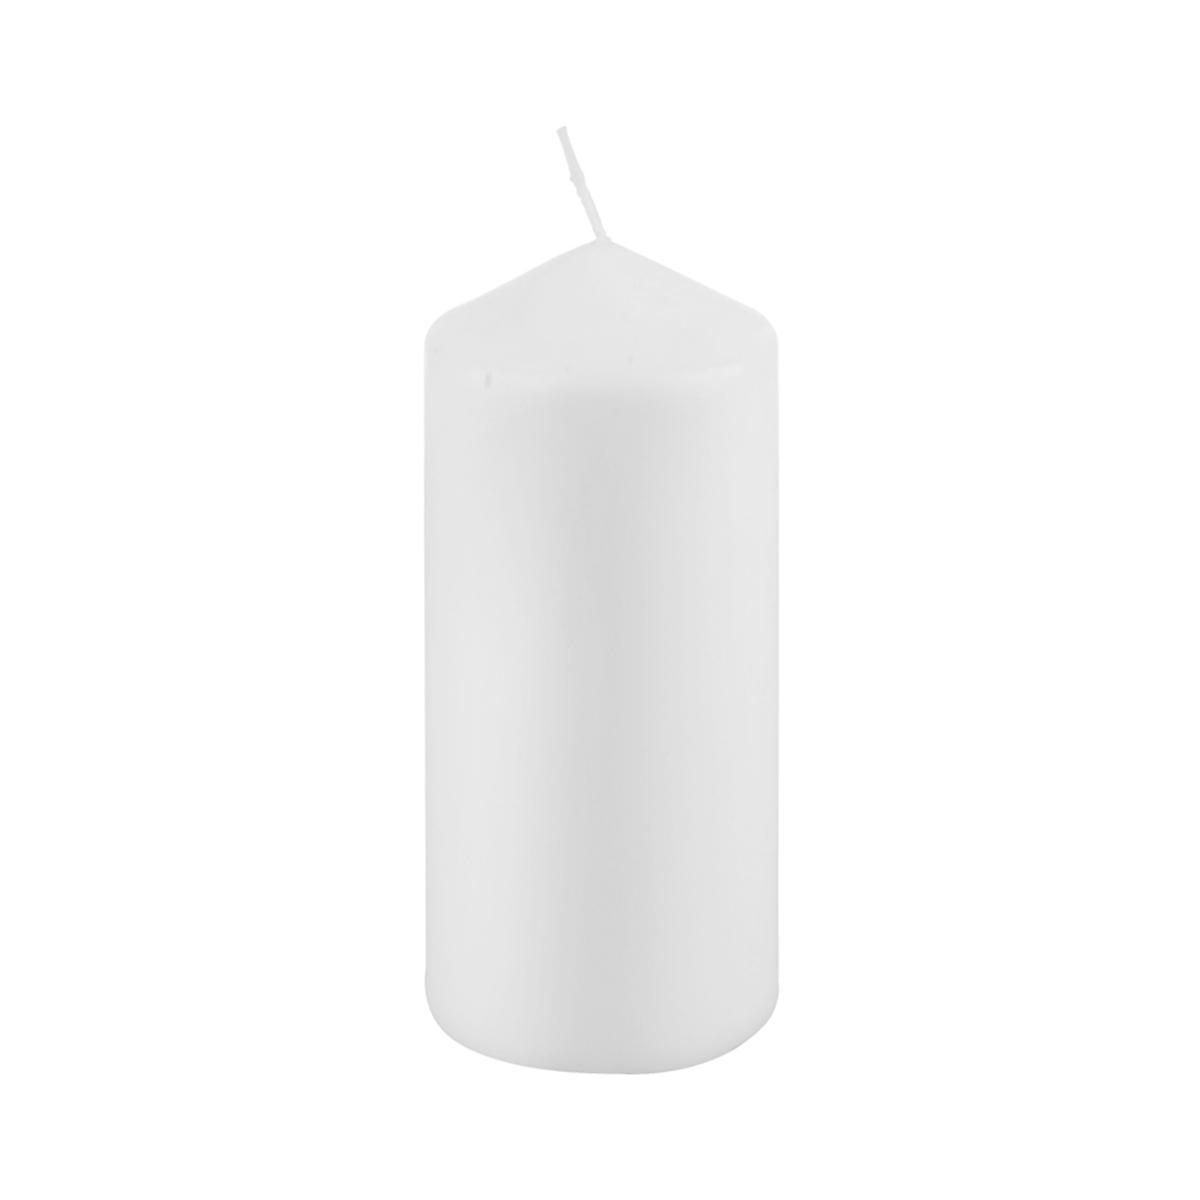 شمعة بدون رائحة  لون ابيض  دائري ارتفاع  14 سم,